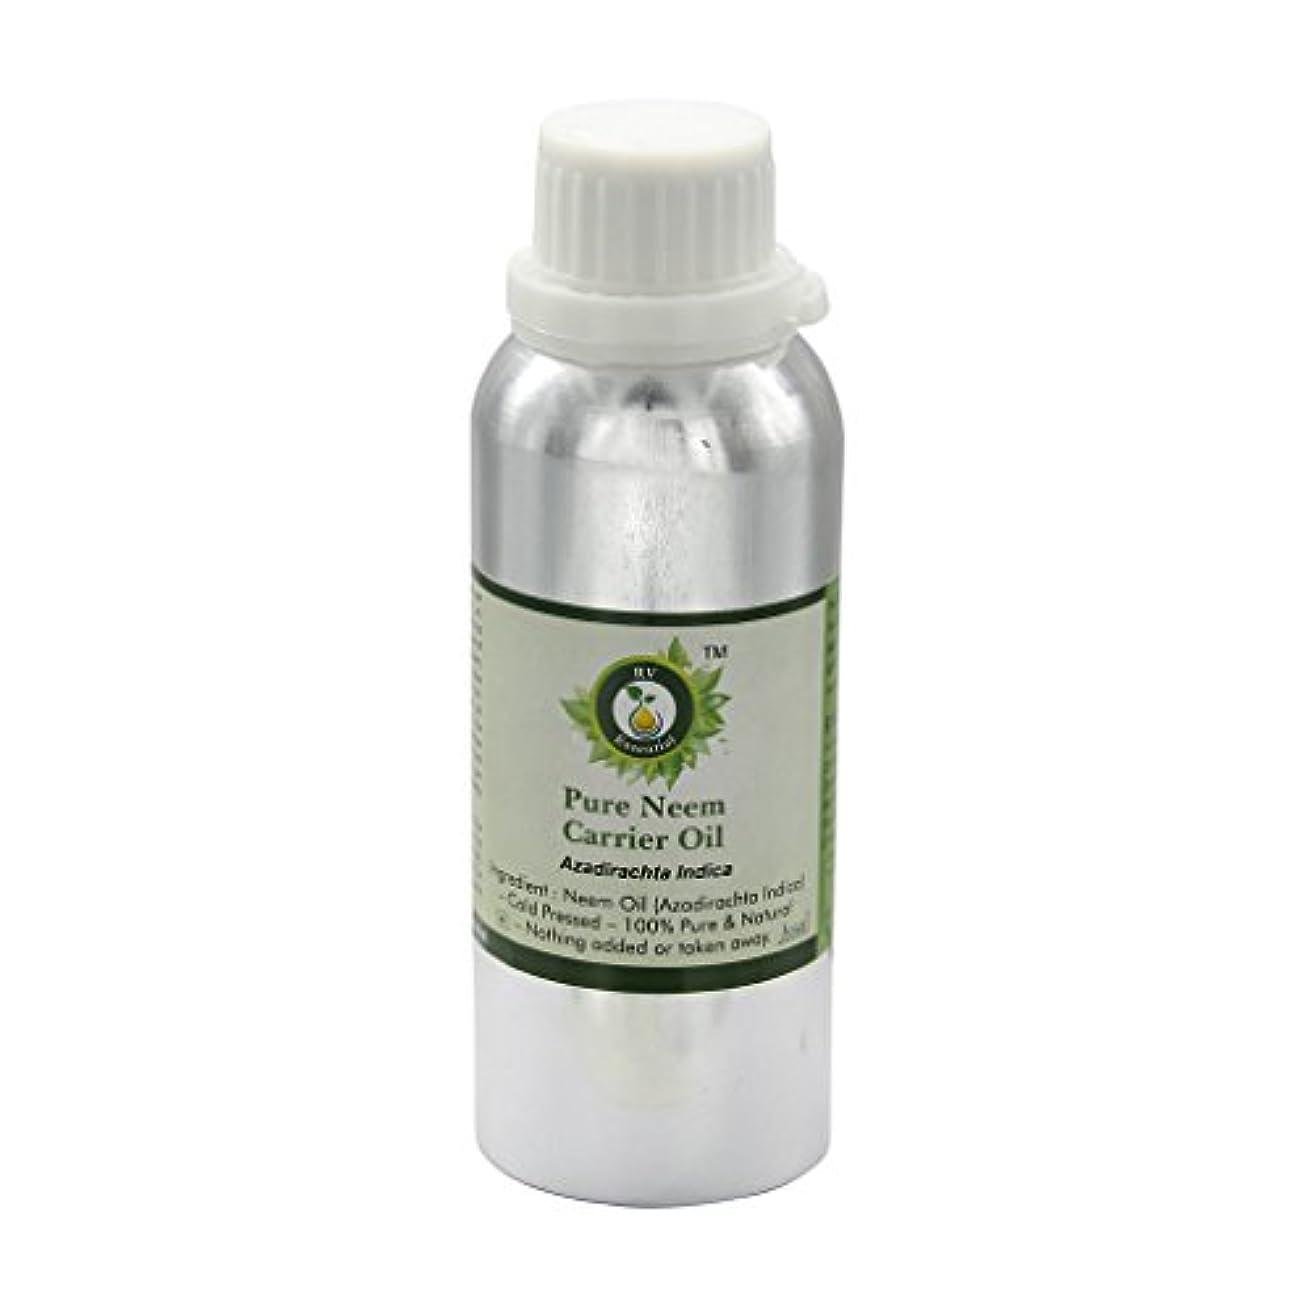 億手荷物規則性R V Essential 純Neemキャリアオイル630ml (21oz)- Azadirachta Indica (100%ピュア&ナチュラルコールドPressed) Pure Neem Carrier Oil